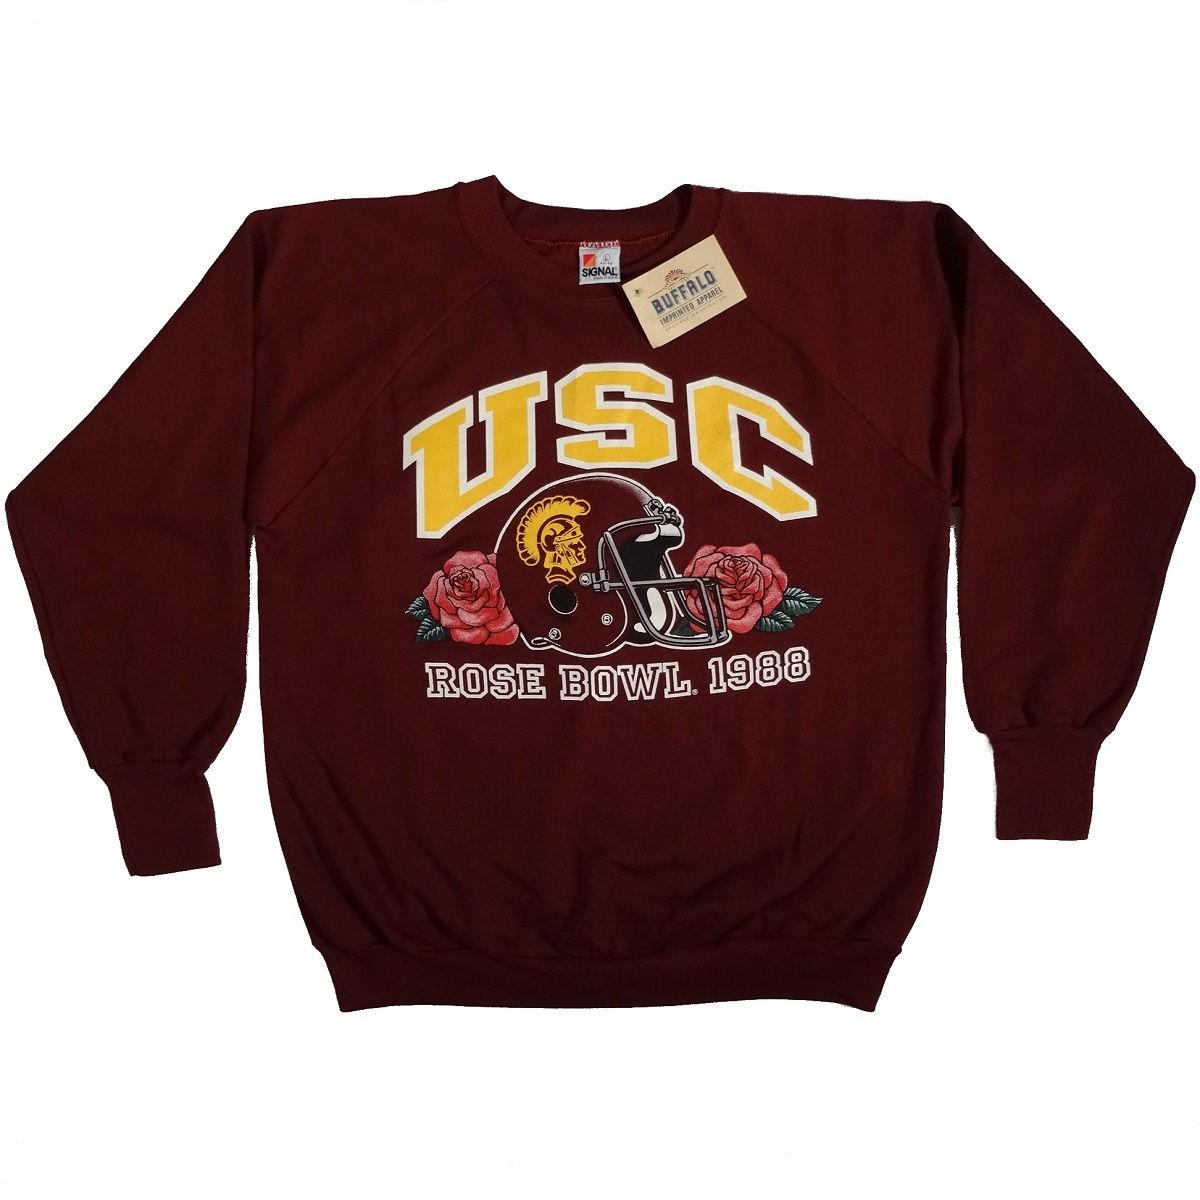 USC Trojans Rose Bowl 1988 Vintage Sweat Shirt Front